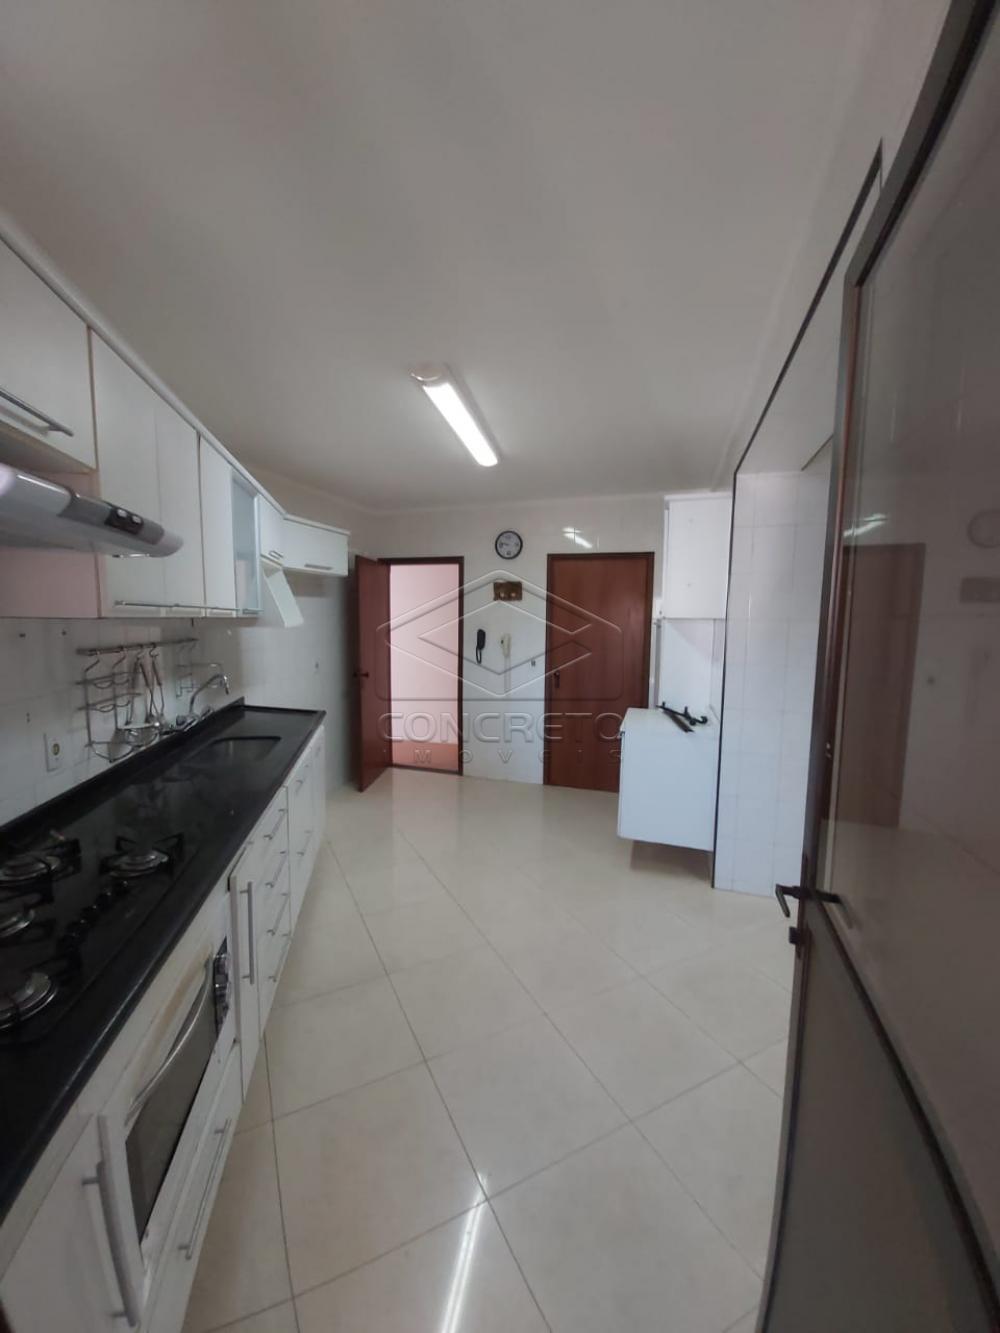 Comprar Apartamento / Padrão em Bauru R$ 510.000,00 - Foto 6